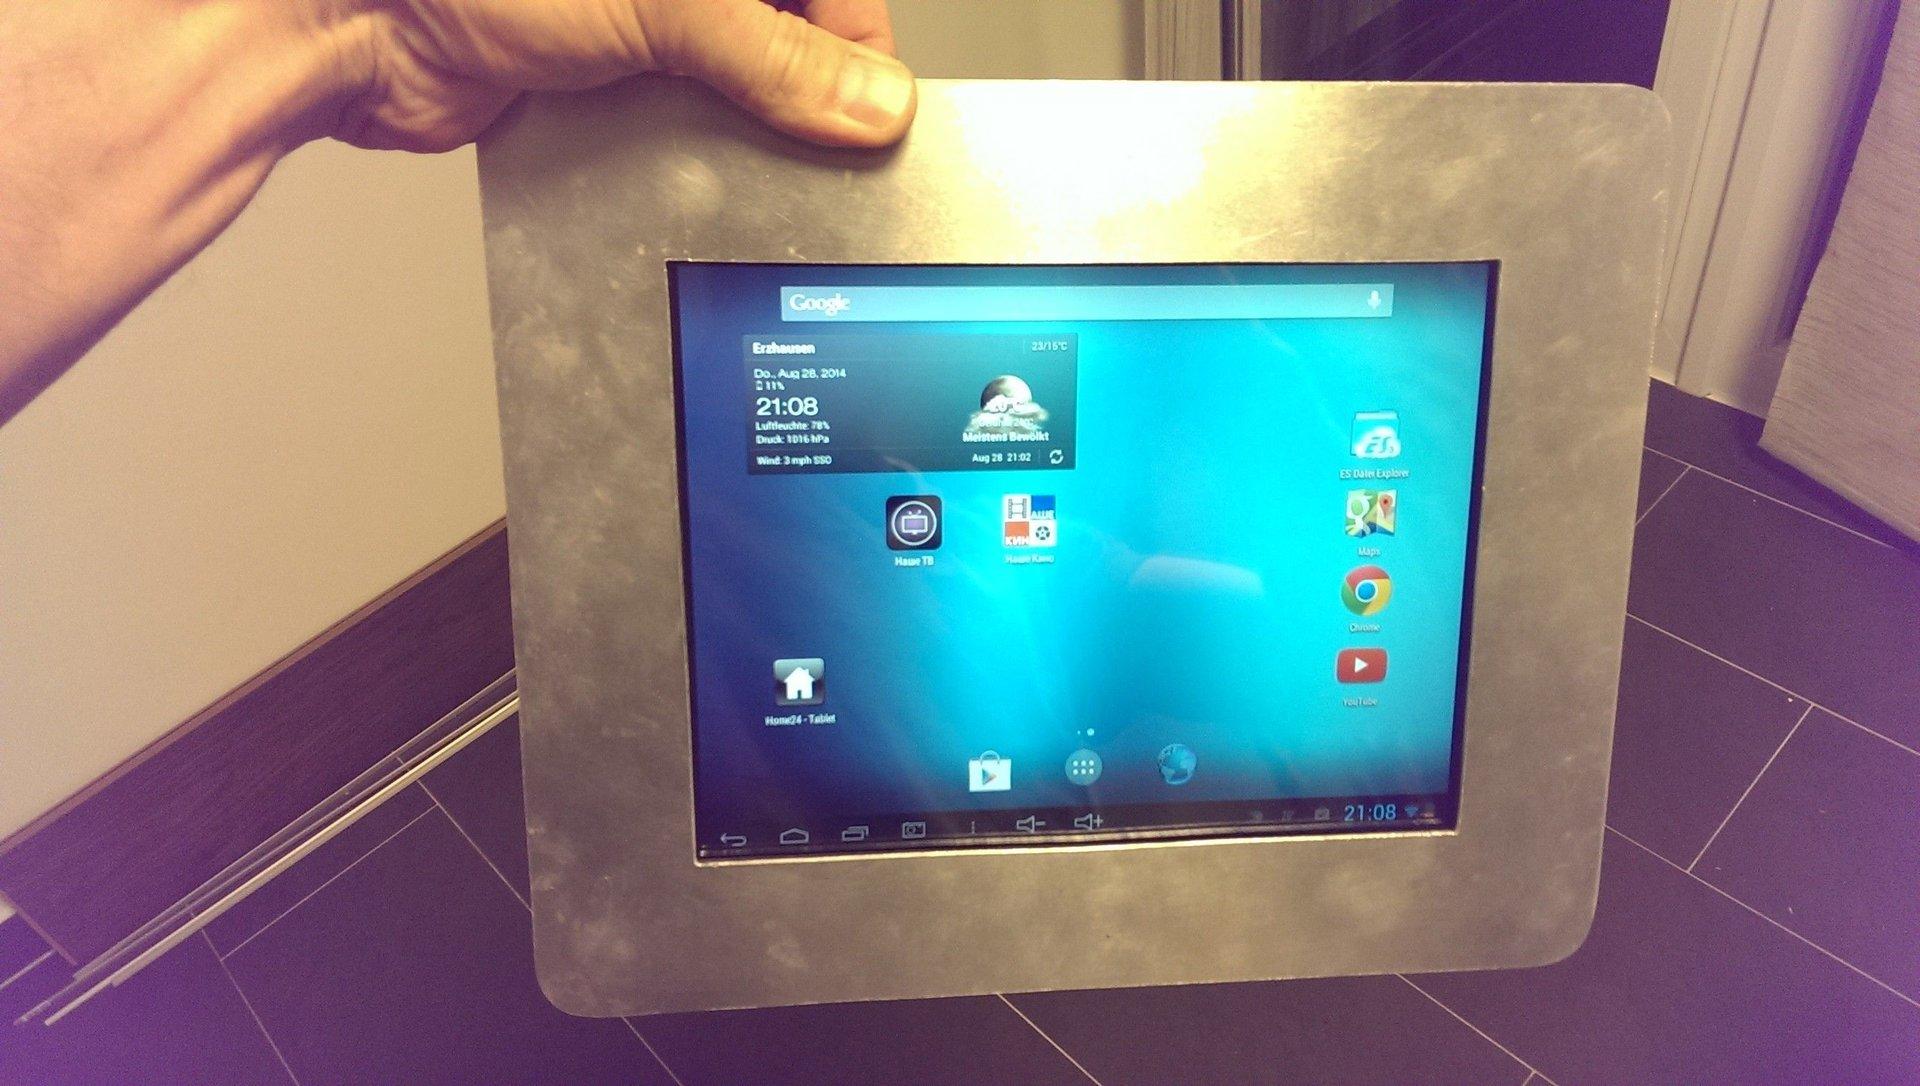 tablet pc wandeinbau abdeckung ablauf dusche. Black Bedroom Furniture Sets. Home Design Ideas